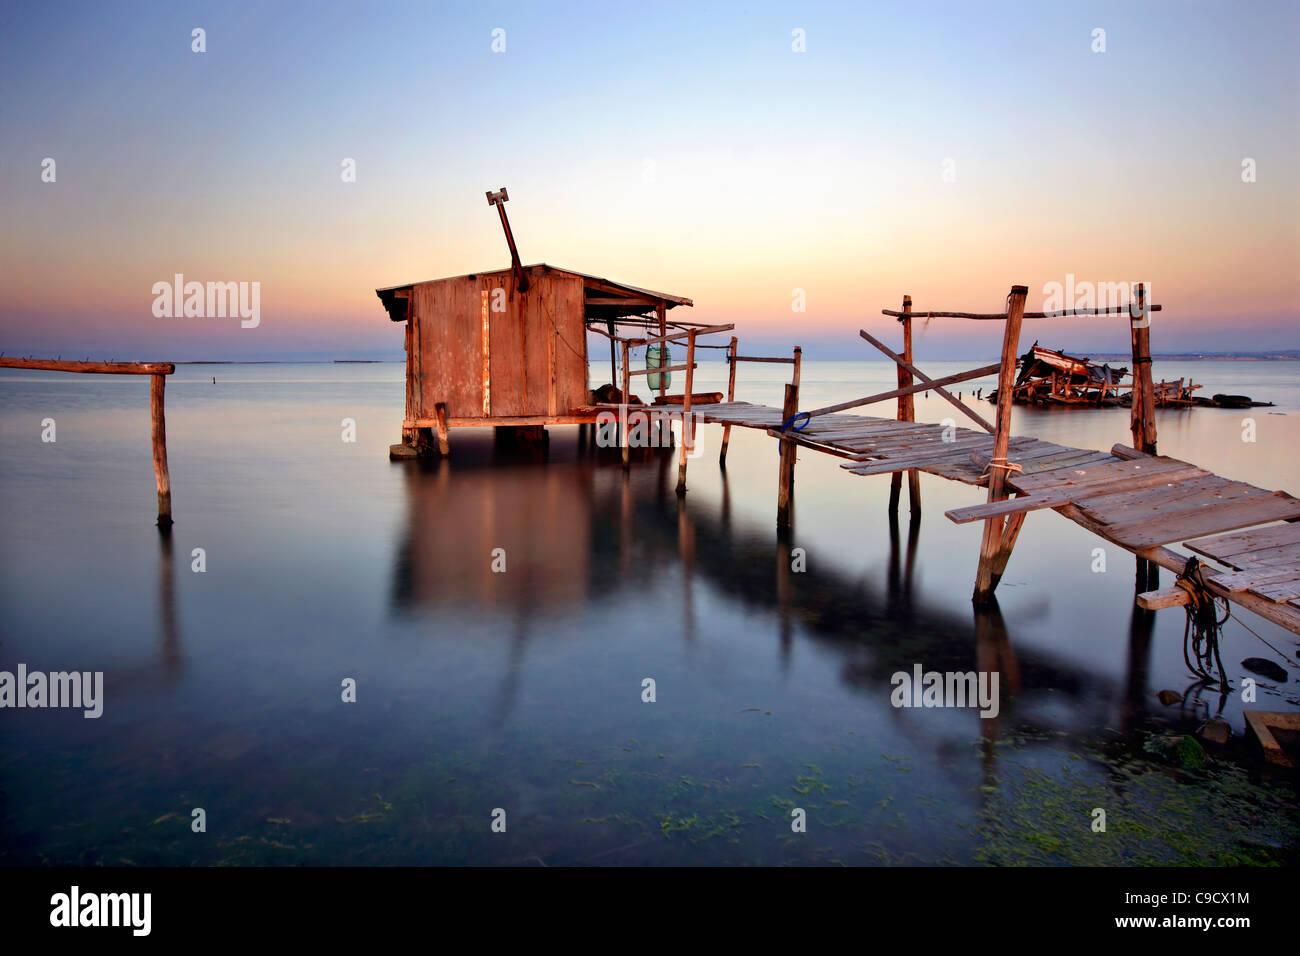 Stilt cabaña en el Delta de Axios (también conocido como 'Vardaris') Río, Tesalónica, Imagen De Stock